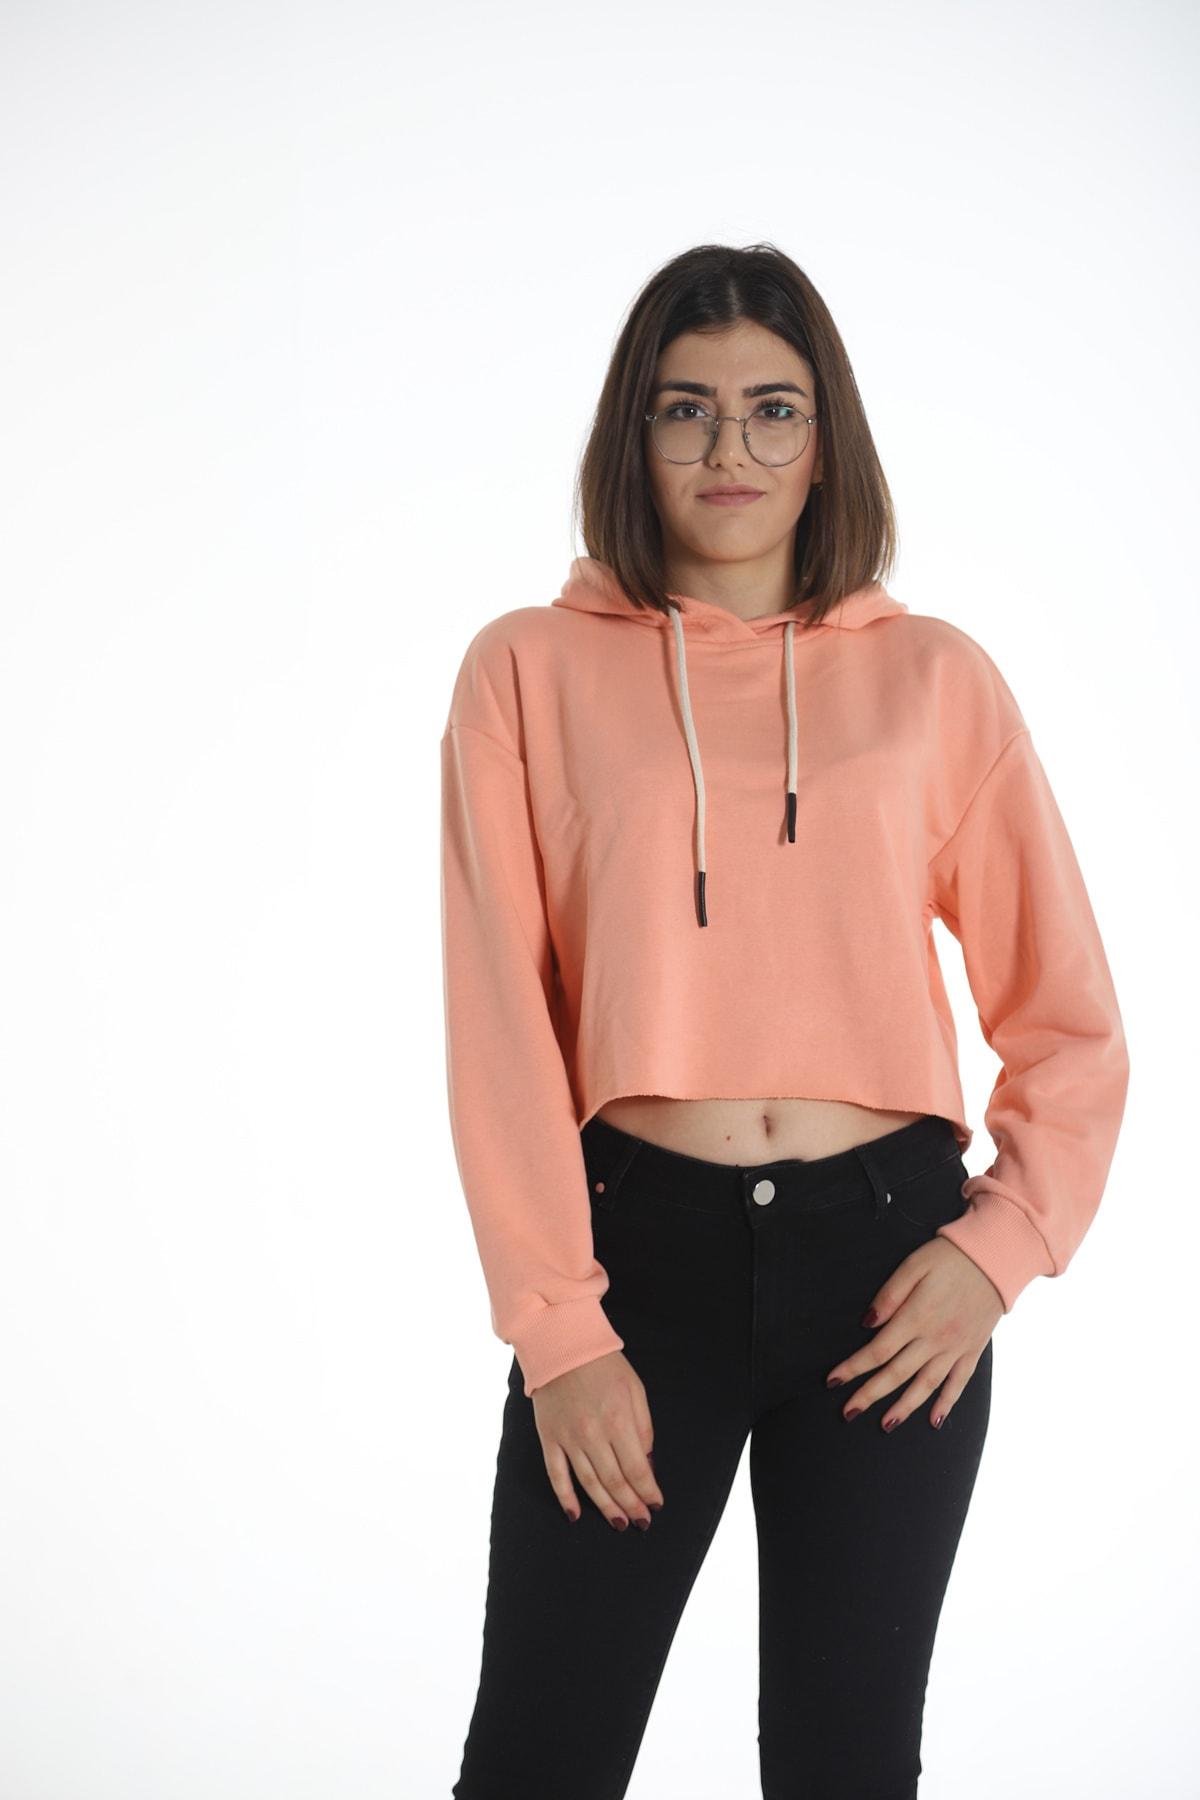 Yelken Turuncu Kapüşonlu Crop Kadın Sweatshirt/hoddie Ylkn0031 1